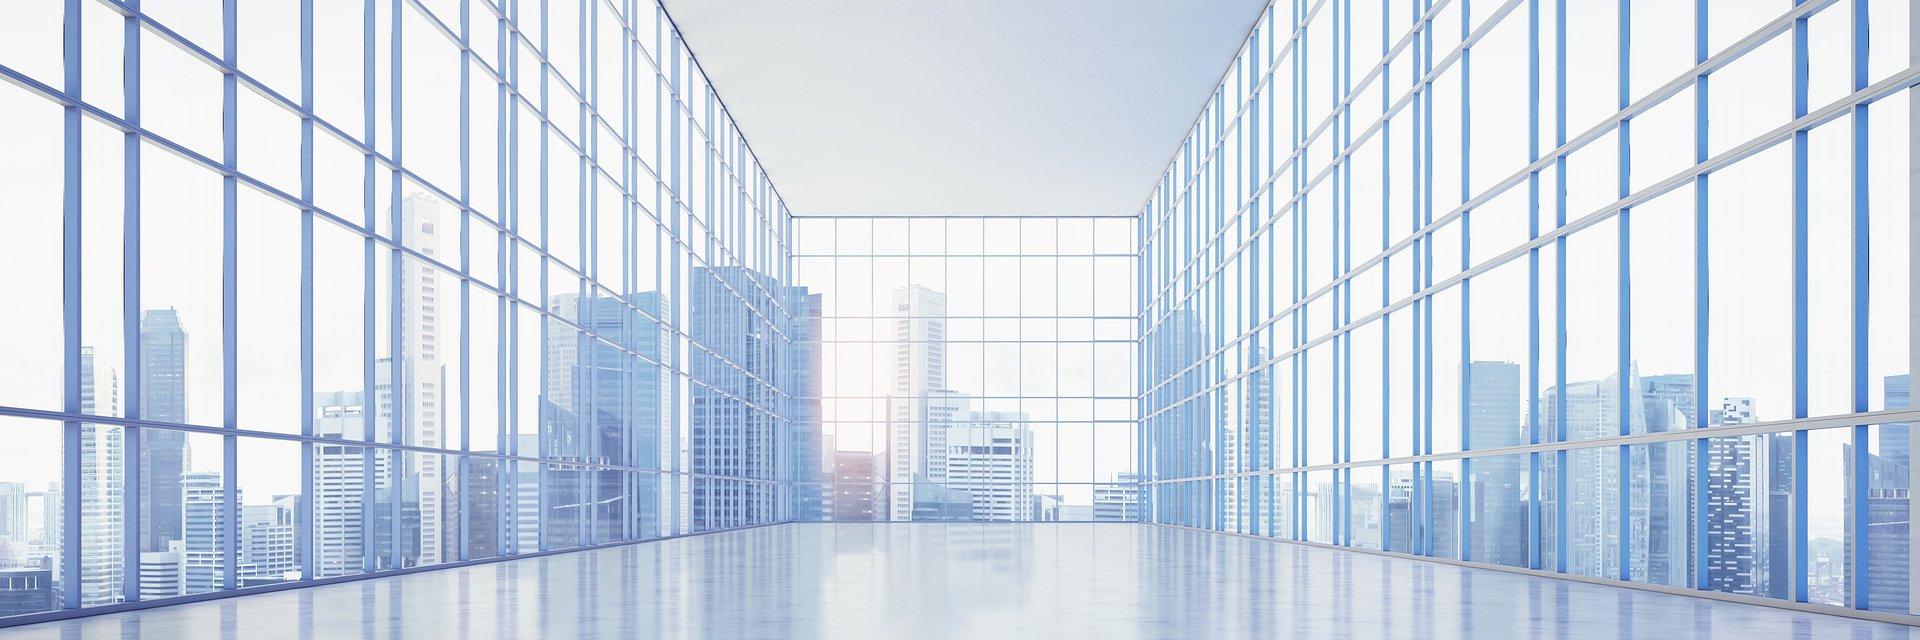 Inwestorzy rzucili się na nieruchomości w Europie. W Polsce zainwestowano 2 mld euro